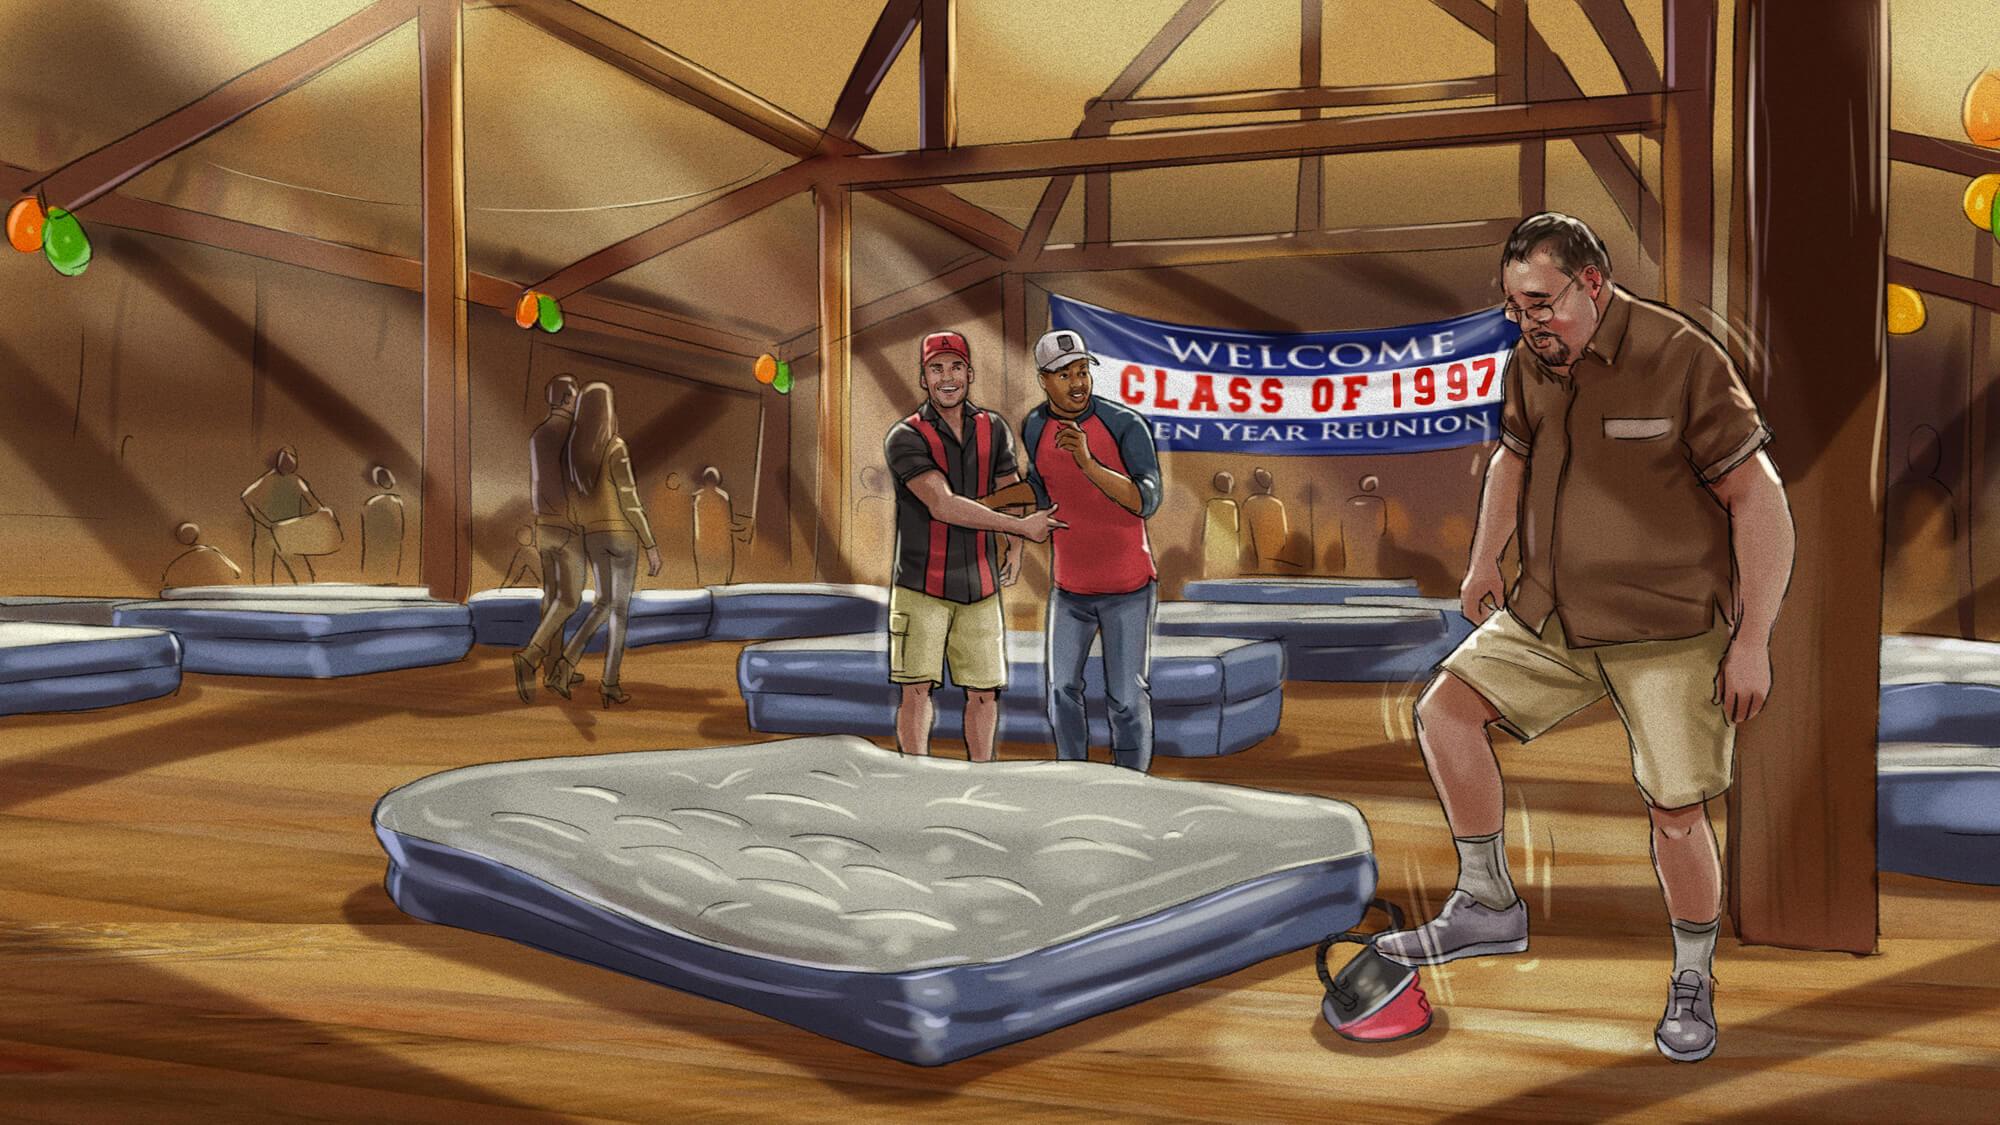 Amazon_Beds_Storyboard_3.jpg